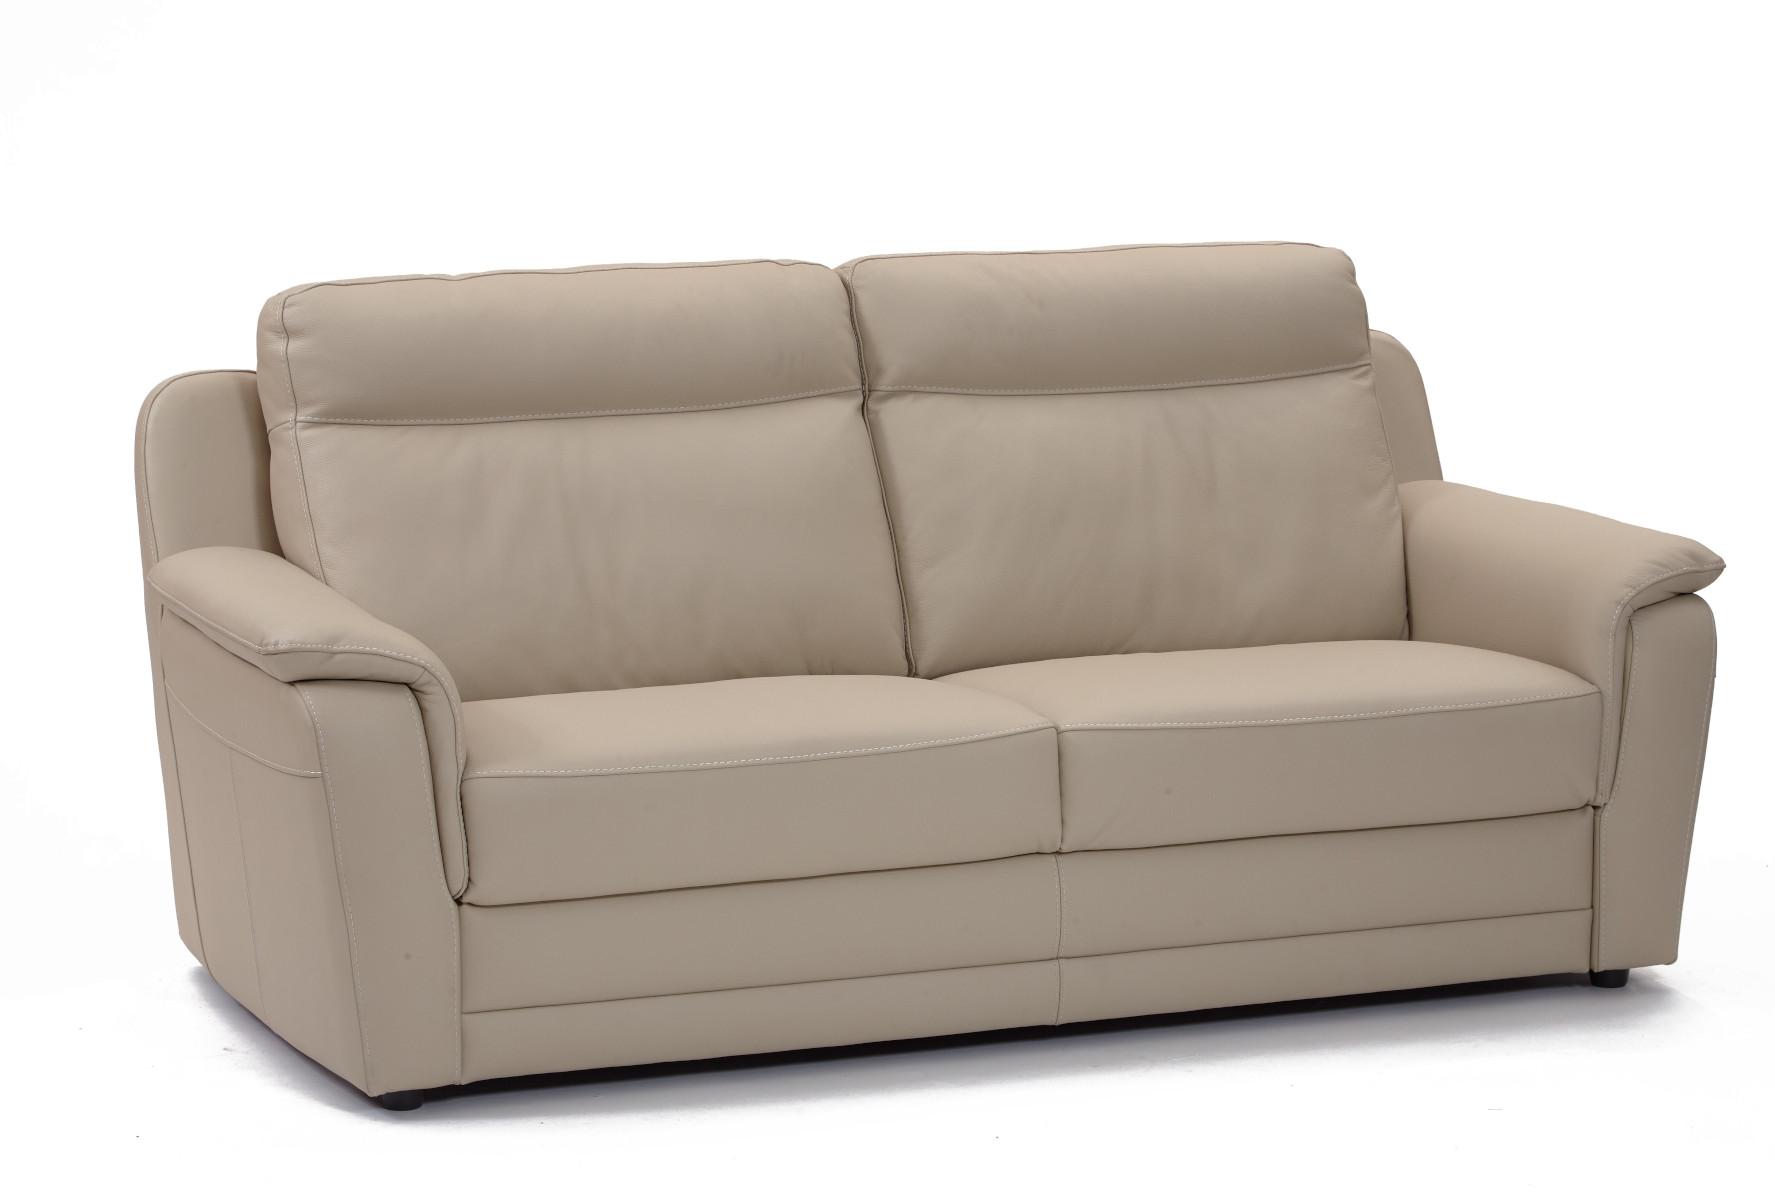 Dallas 3 Seater Sofa